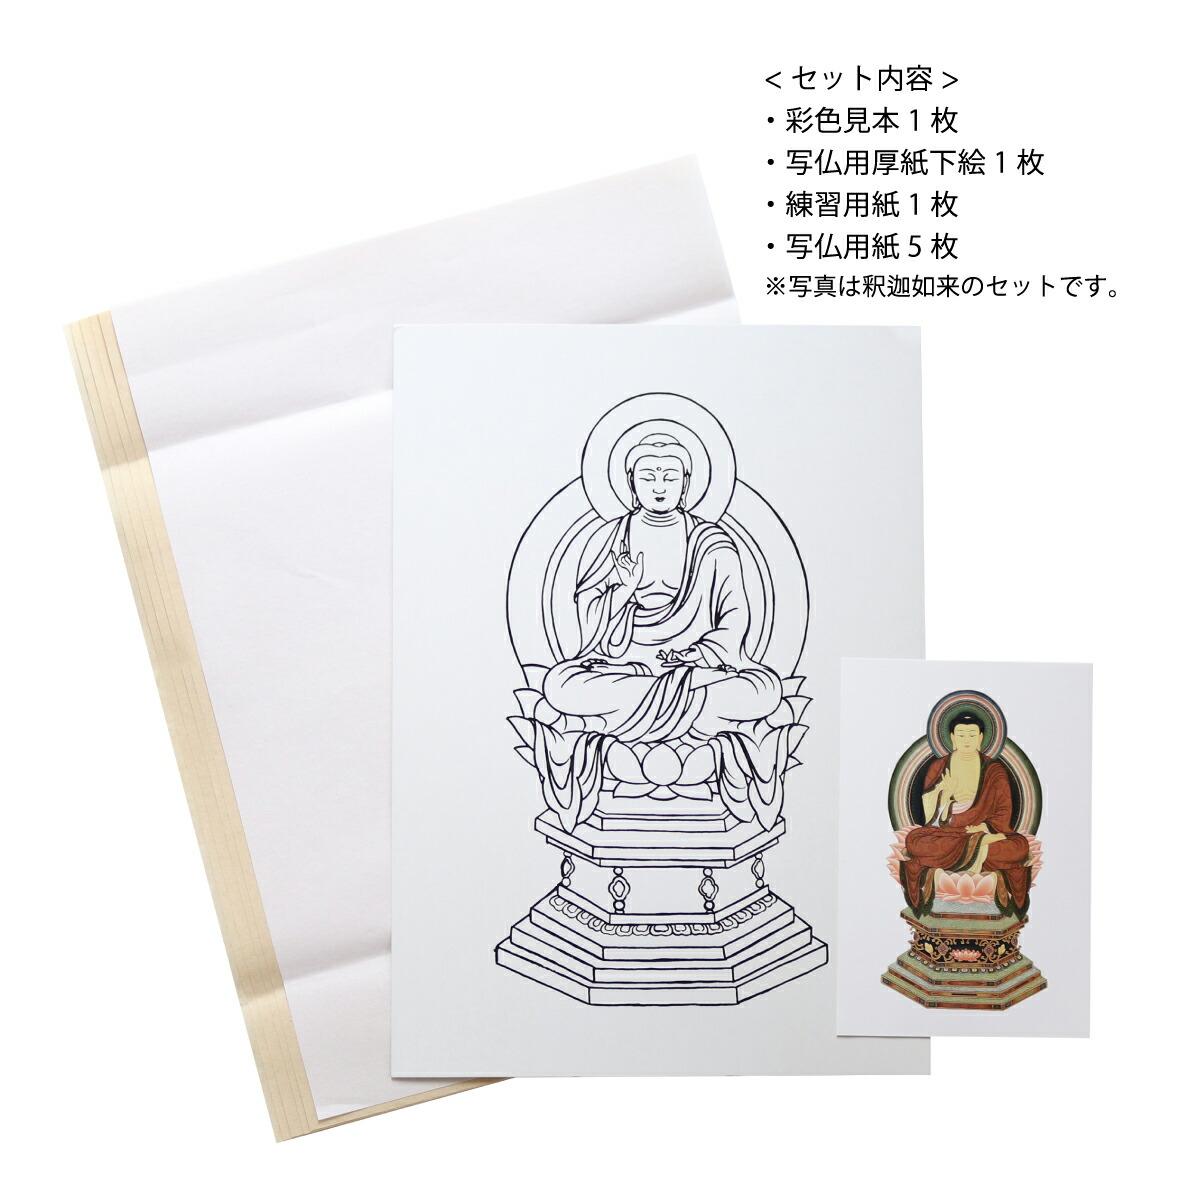 写仏セット釈迦如来 写仏セット釈迦如来 写仏セット釈迦如来